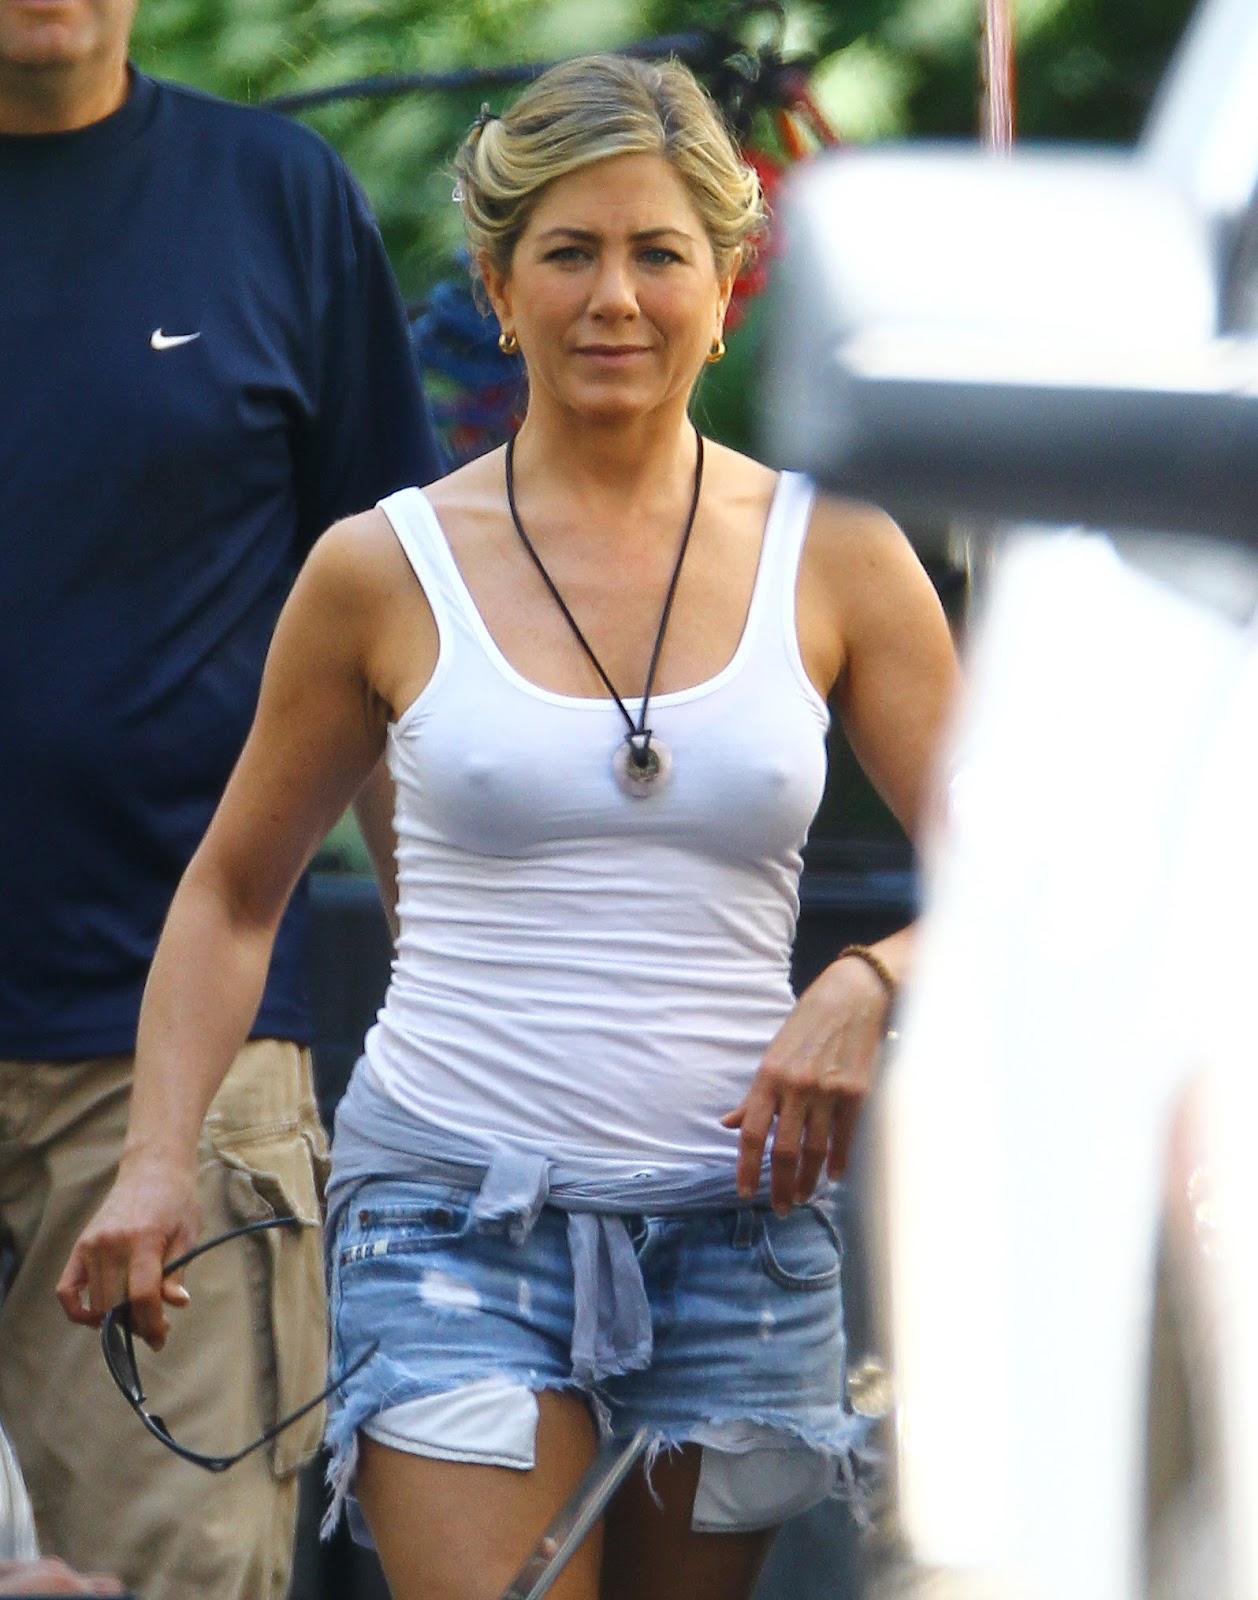 http://1.bp.blogspot.com/-LFHyGpBOqBc/UCAbVpJfe4I/AAAAAAAAU_o/I8tkCmbAM2w/s1600/Jennifer+Aniston+Pokies+on+the+set+of+We\'re+the+Millers+in+Wilmington+August+2,+2012+1.jpg